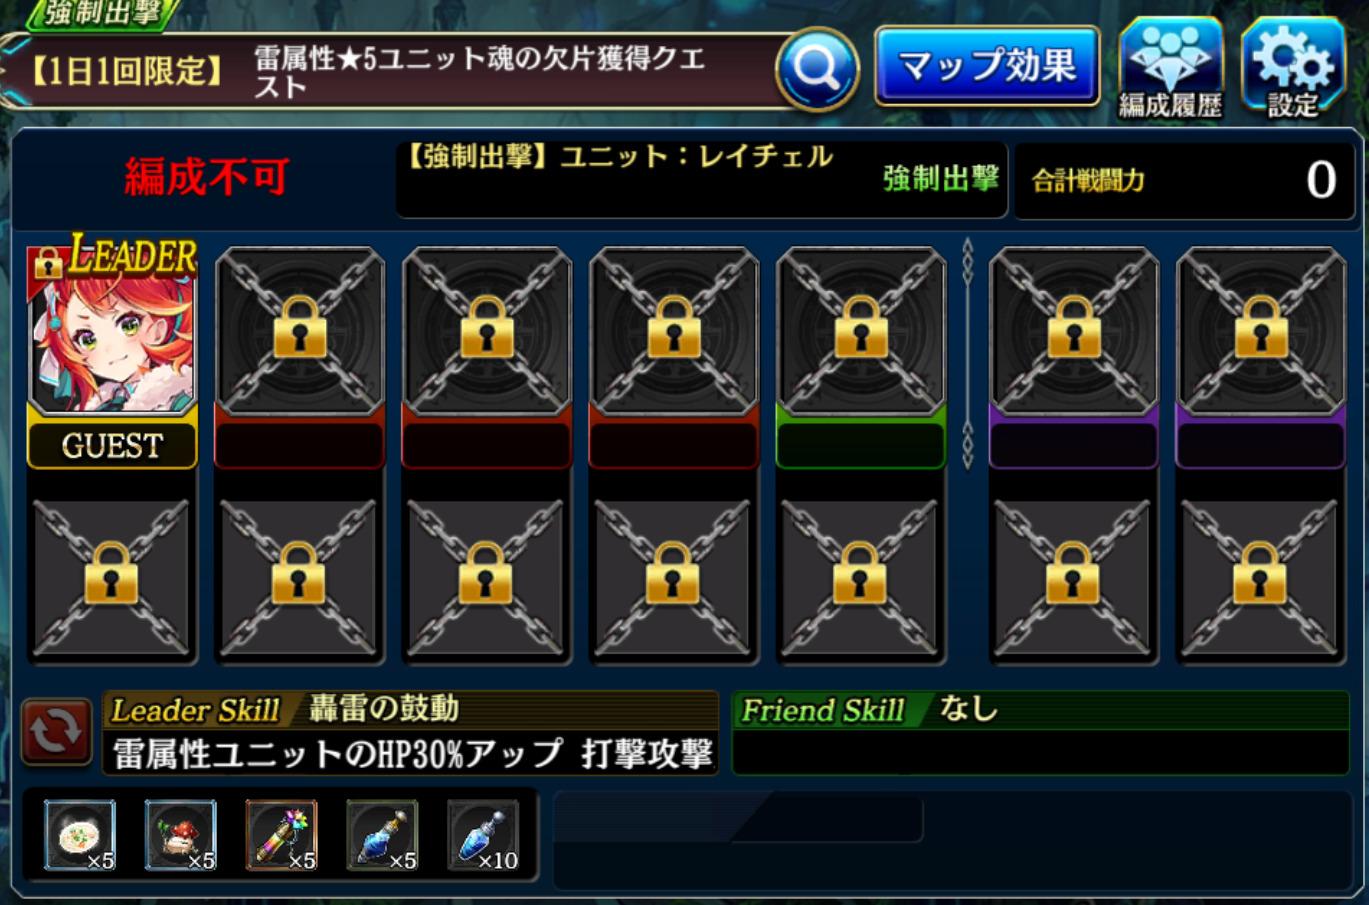 雷属性★5ユニット魂の欠片獲得クエスト